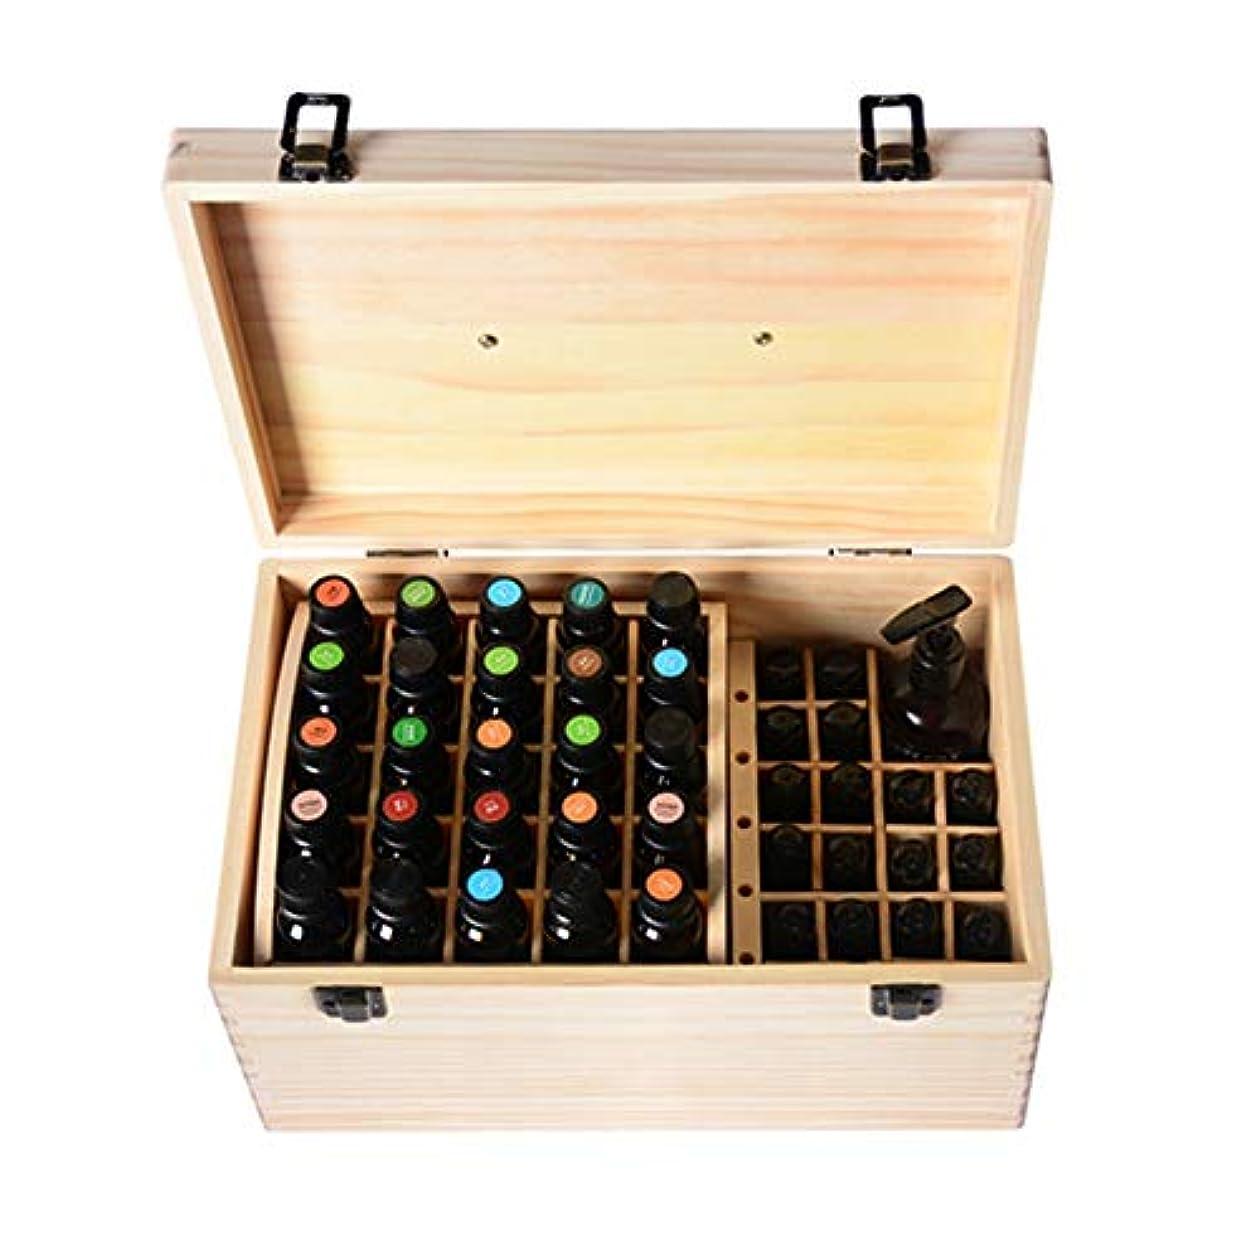 集中的な集中的な公式エッセンシャルオイルストレージボックス 74スロット木エッセンシャルオイルボックス収納ケース内部のリムーバブルは15/10 M1のボトルナチュラルパインを開催します 旅行およびプレゼンテーション用 (色 : Natural, サイズ : 35X20X16.5CM)